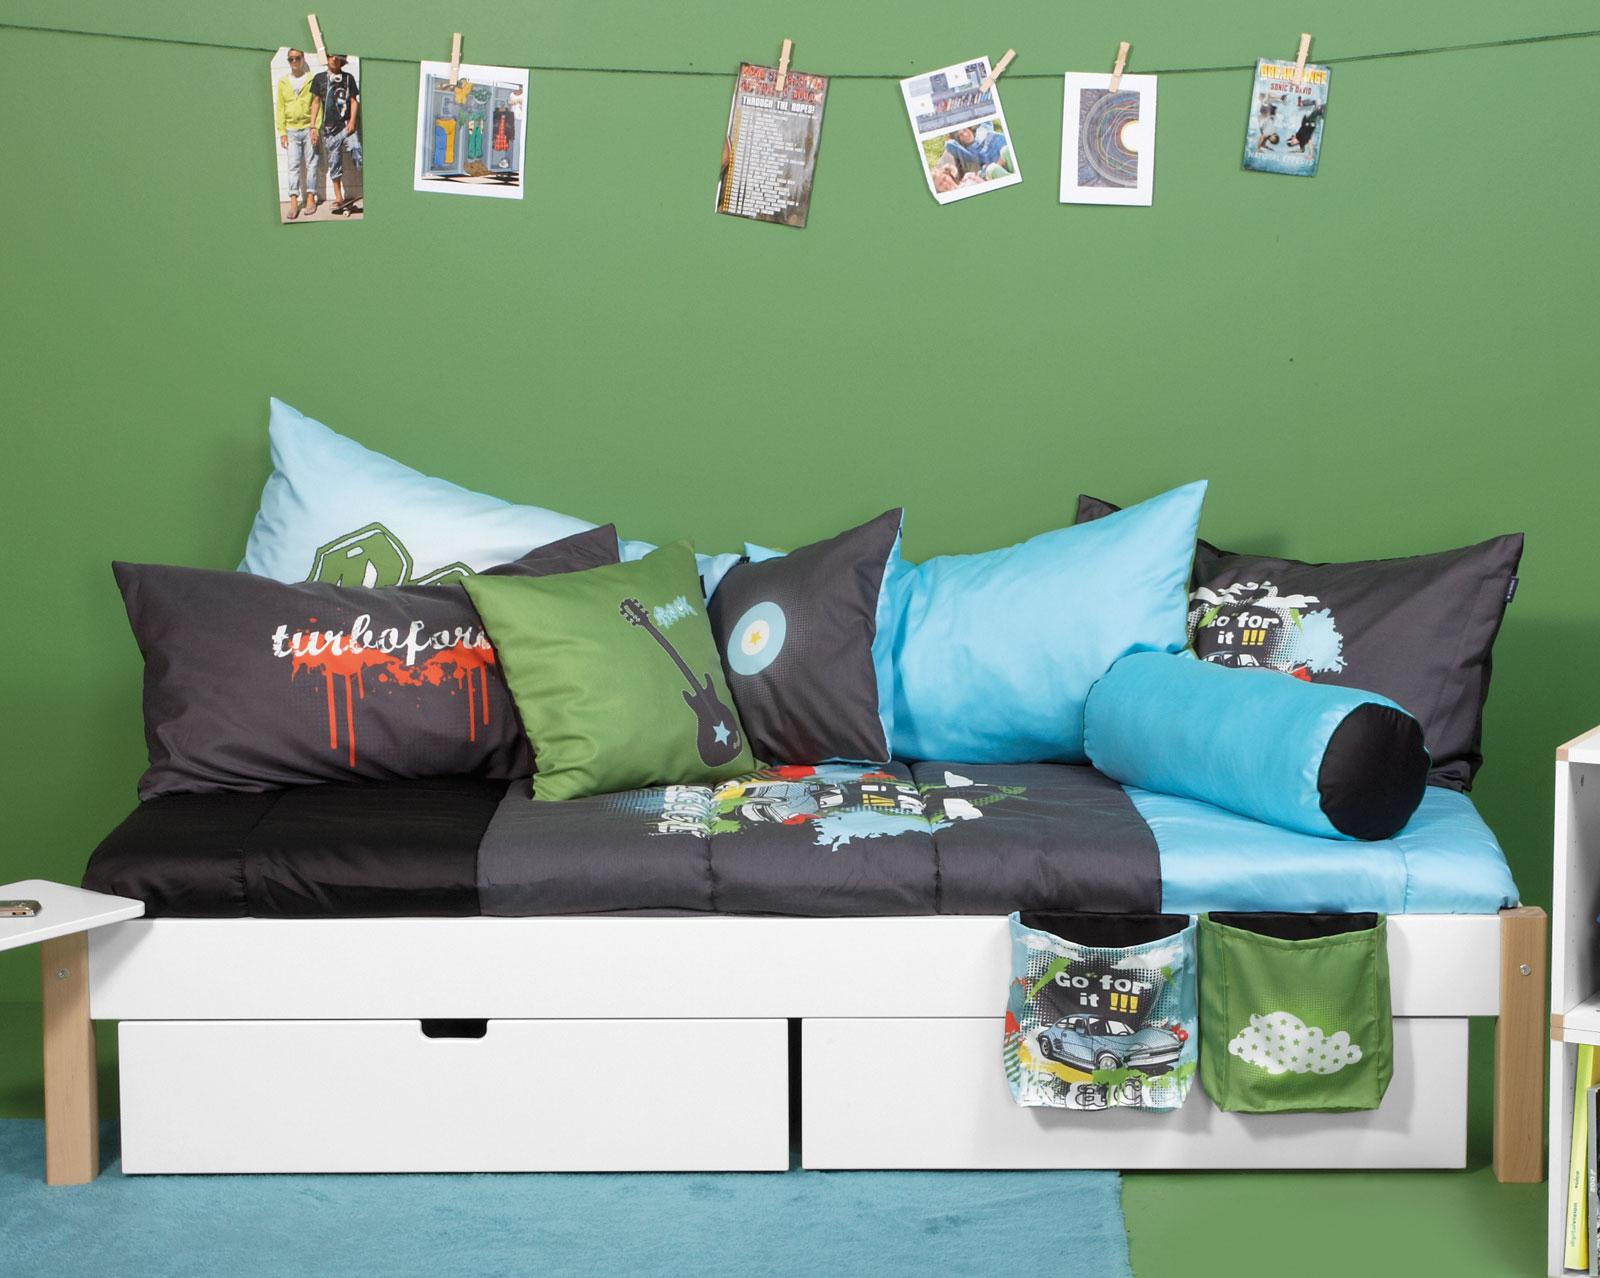 Schubkastenbett für das kinder  und jugendzimmer   kids town